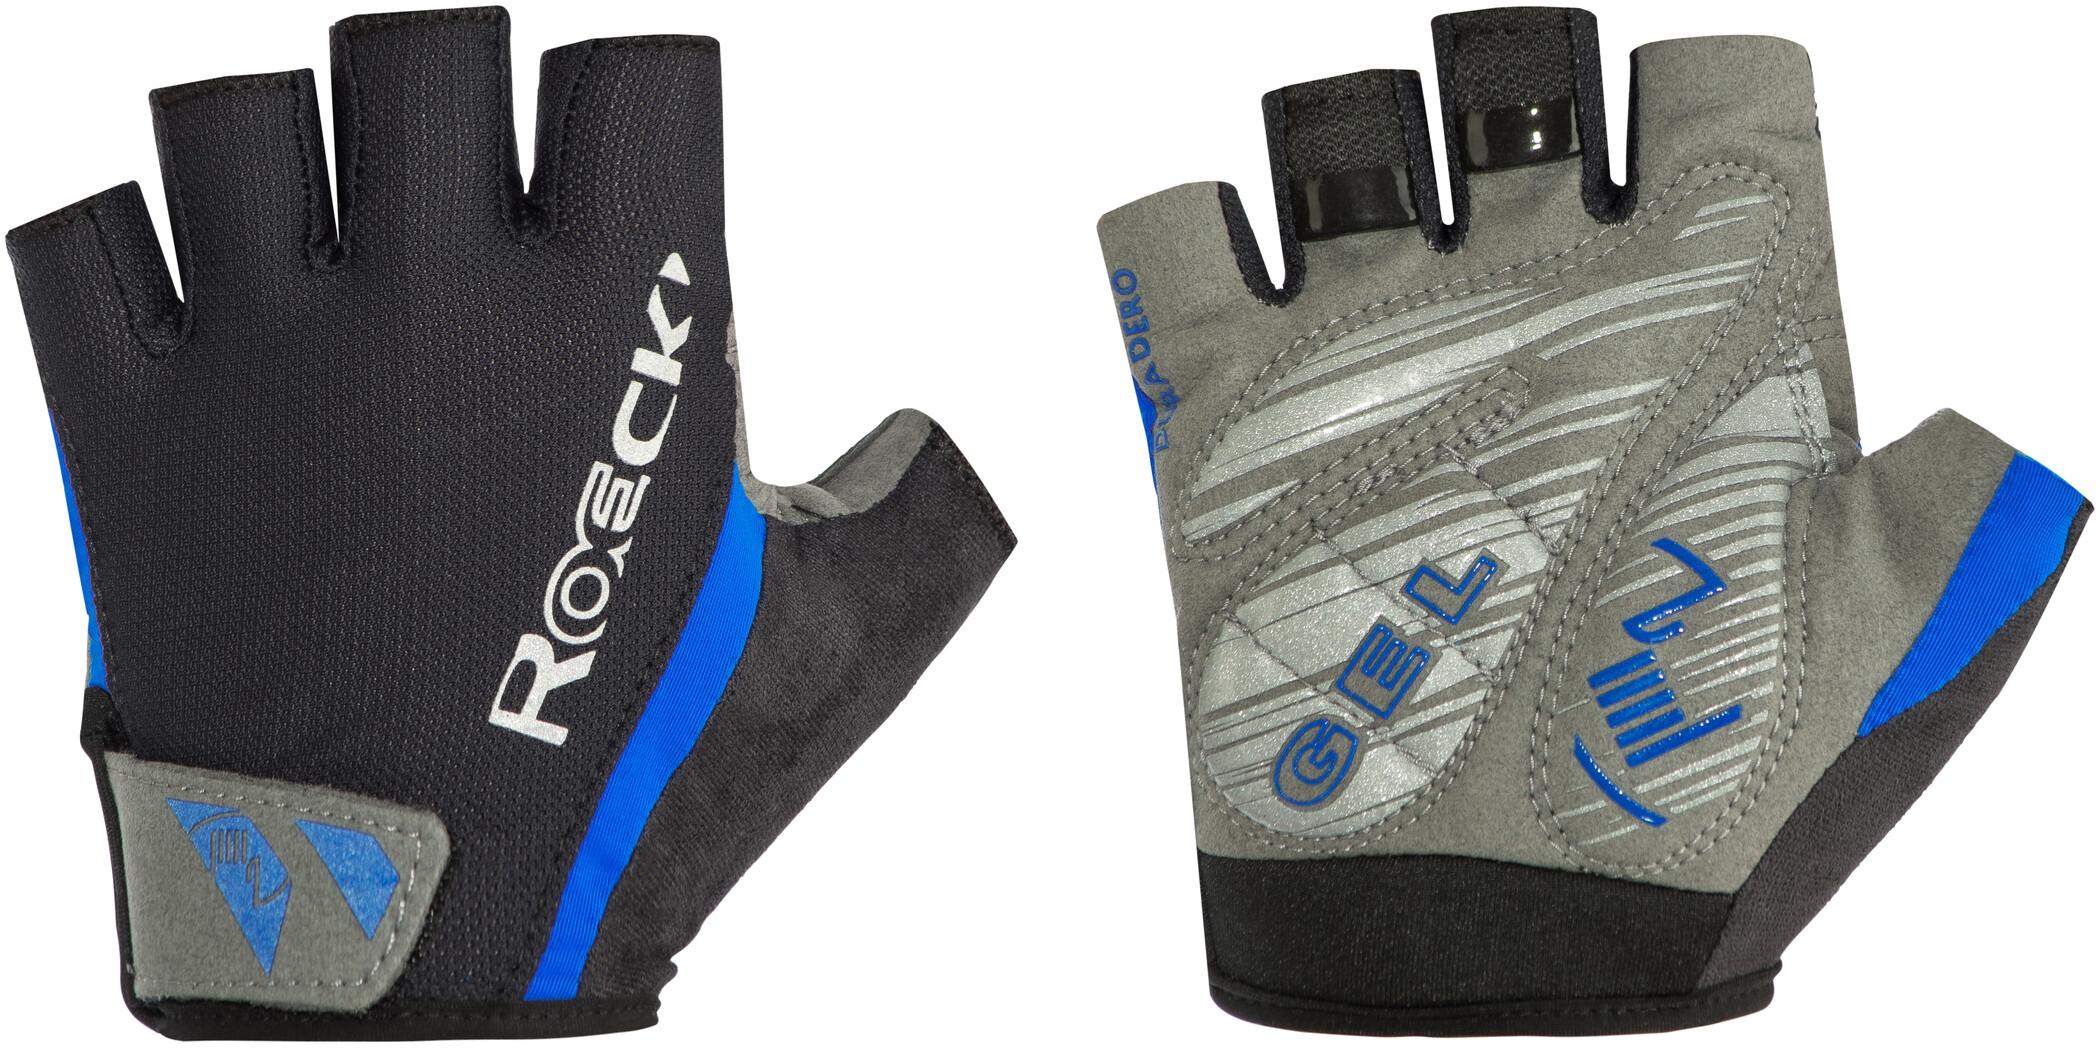 Roeckl Ilio Cykelhandsker, black/blue (2019) | Gloves